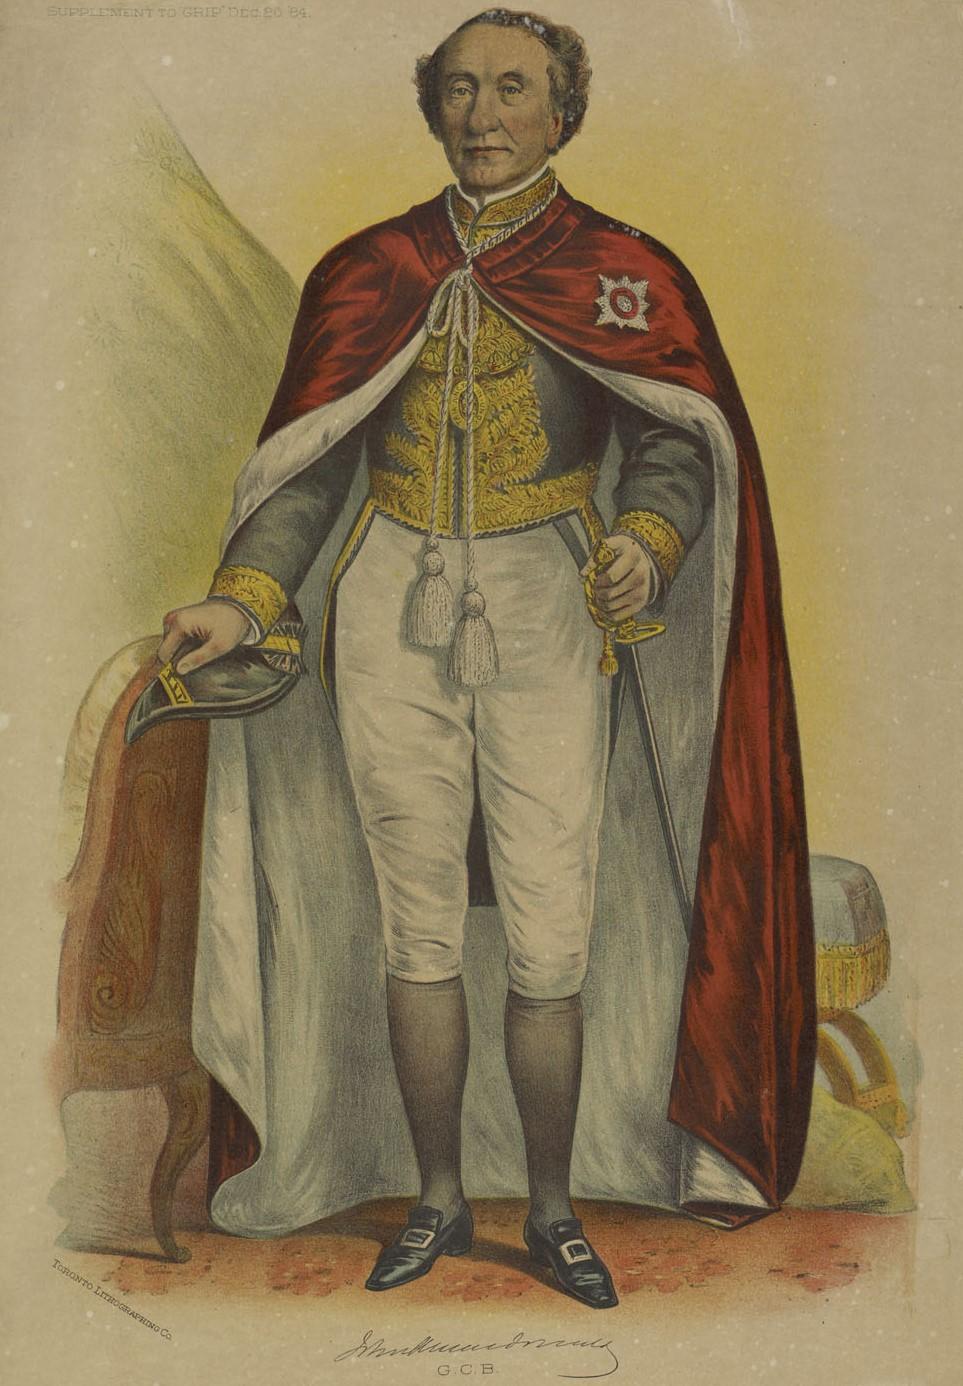 Lithographie représentant un homme d'âge mur qui porte une cape rouge de style royal, la main à son épée.